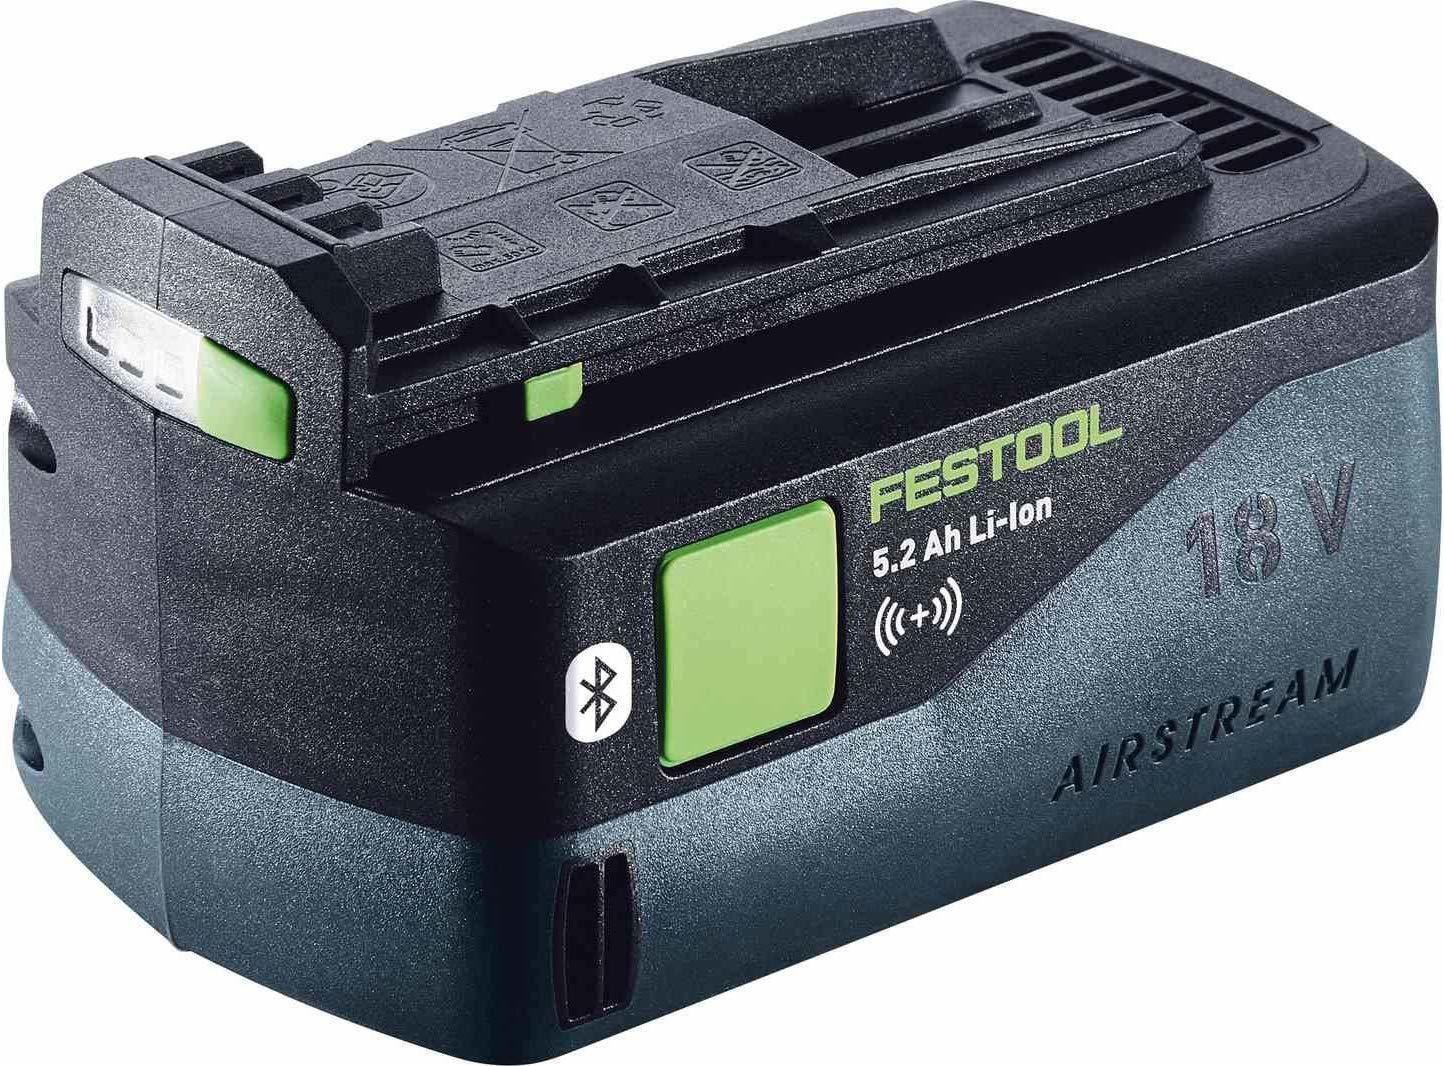 费斯托工具电池